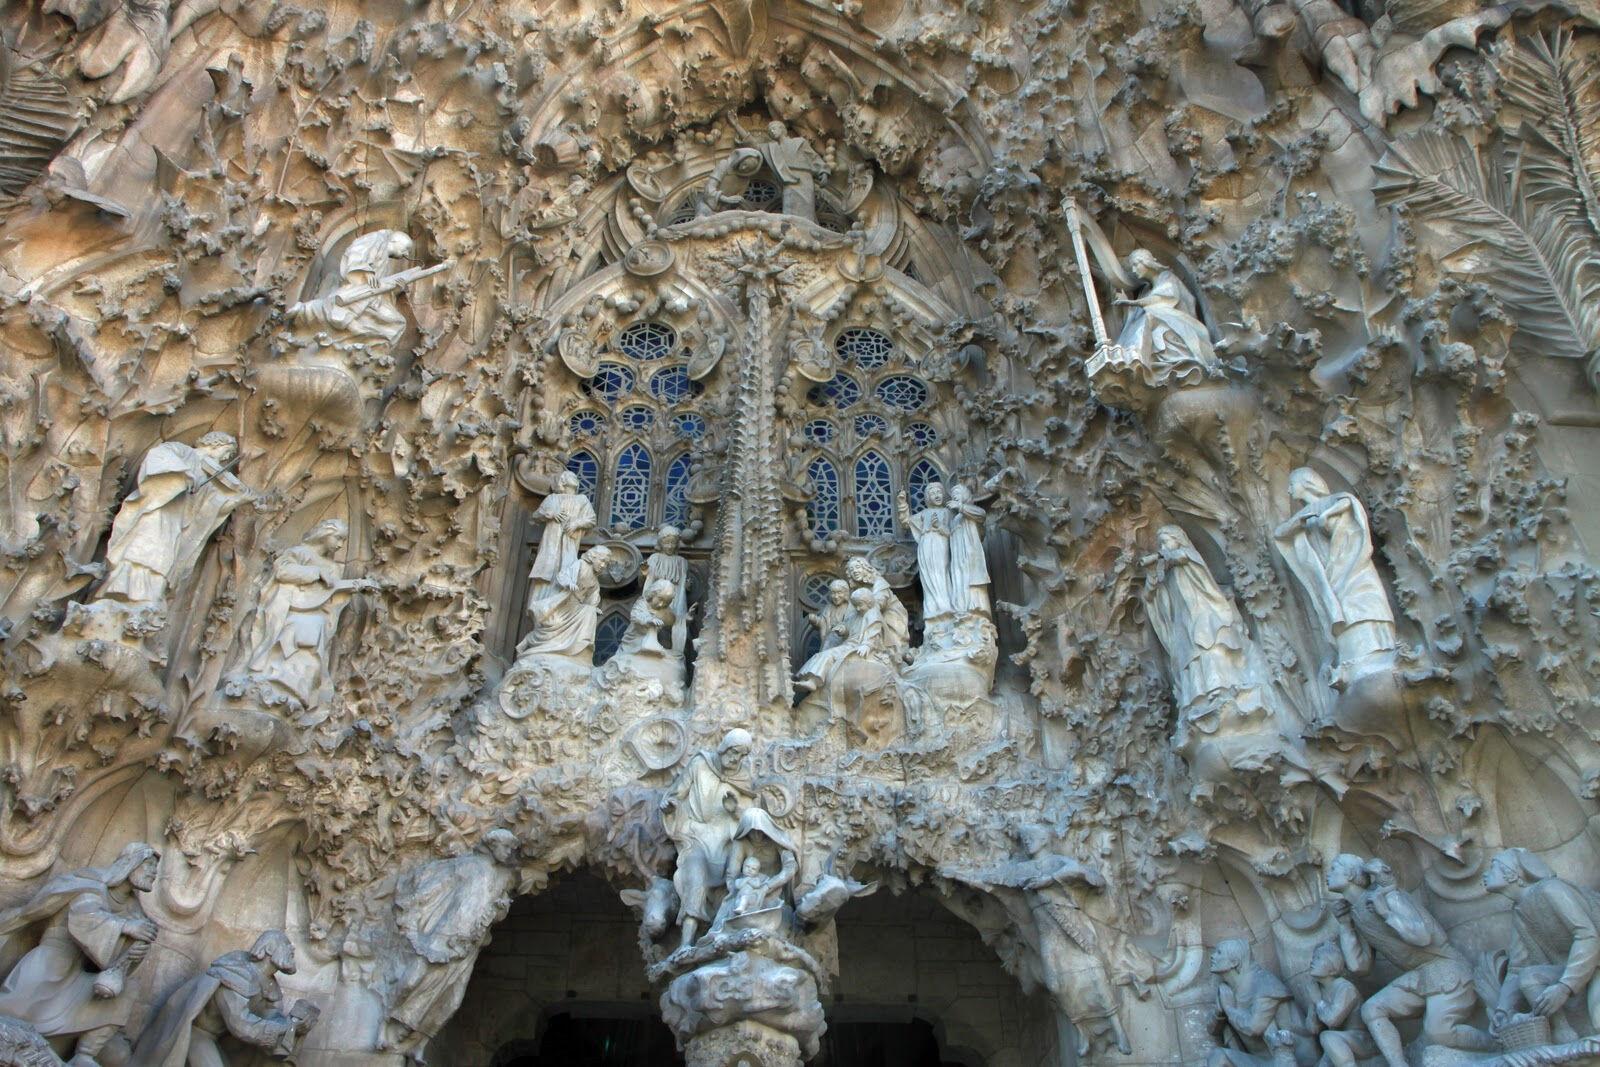 храм святого семейства антонио гауди